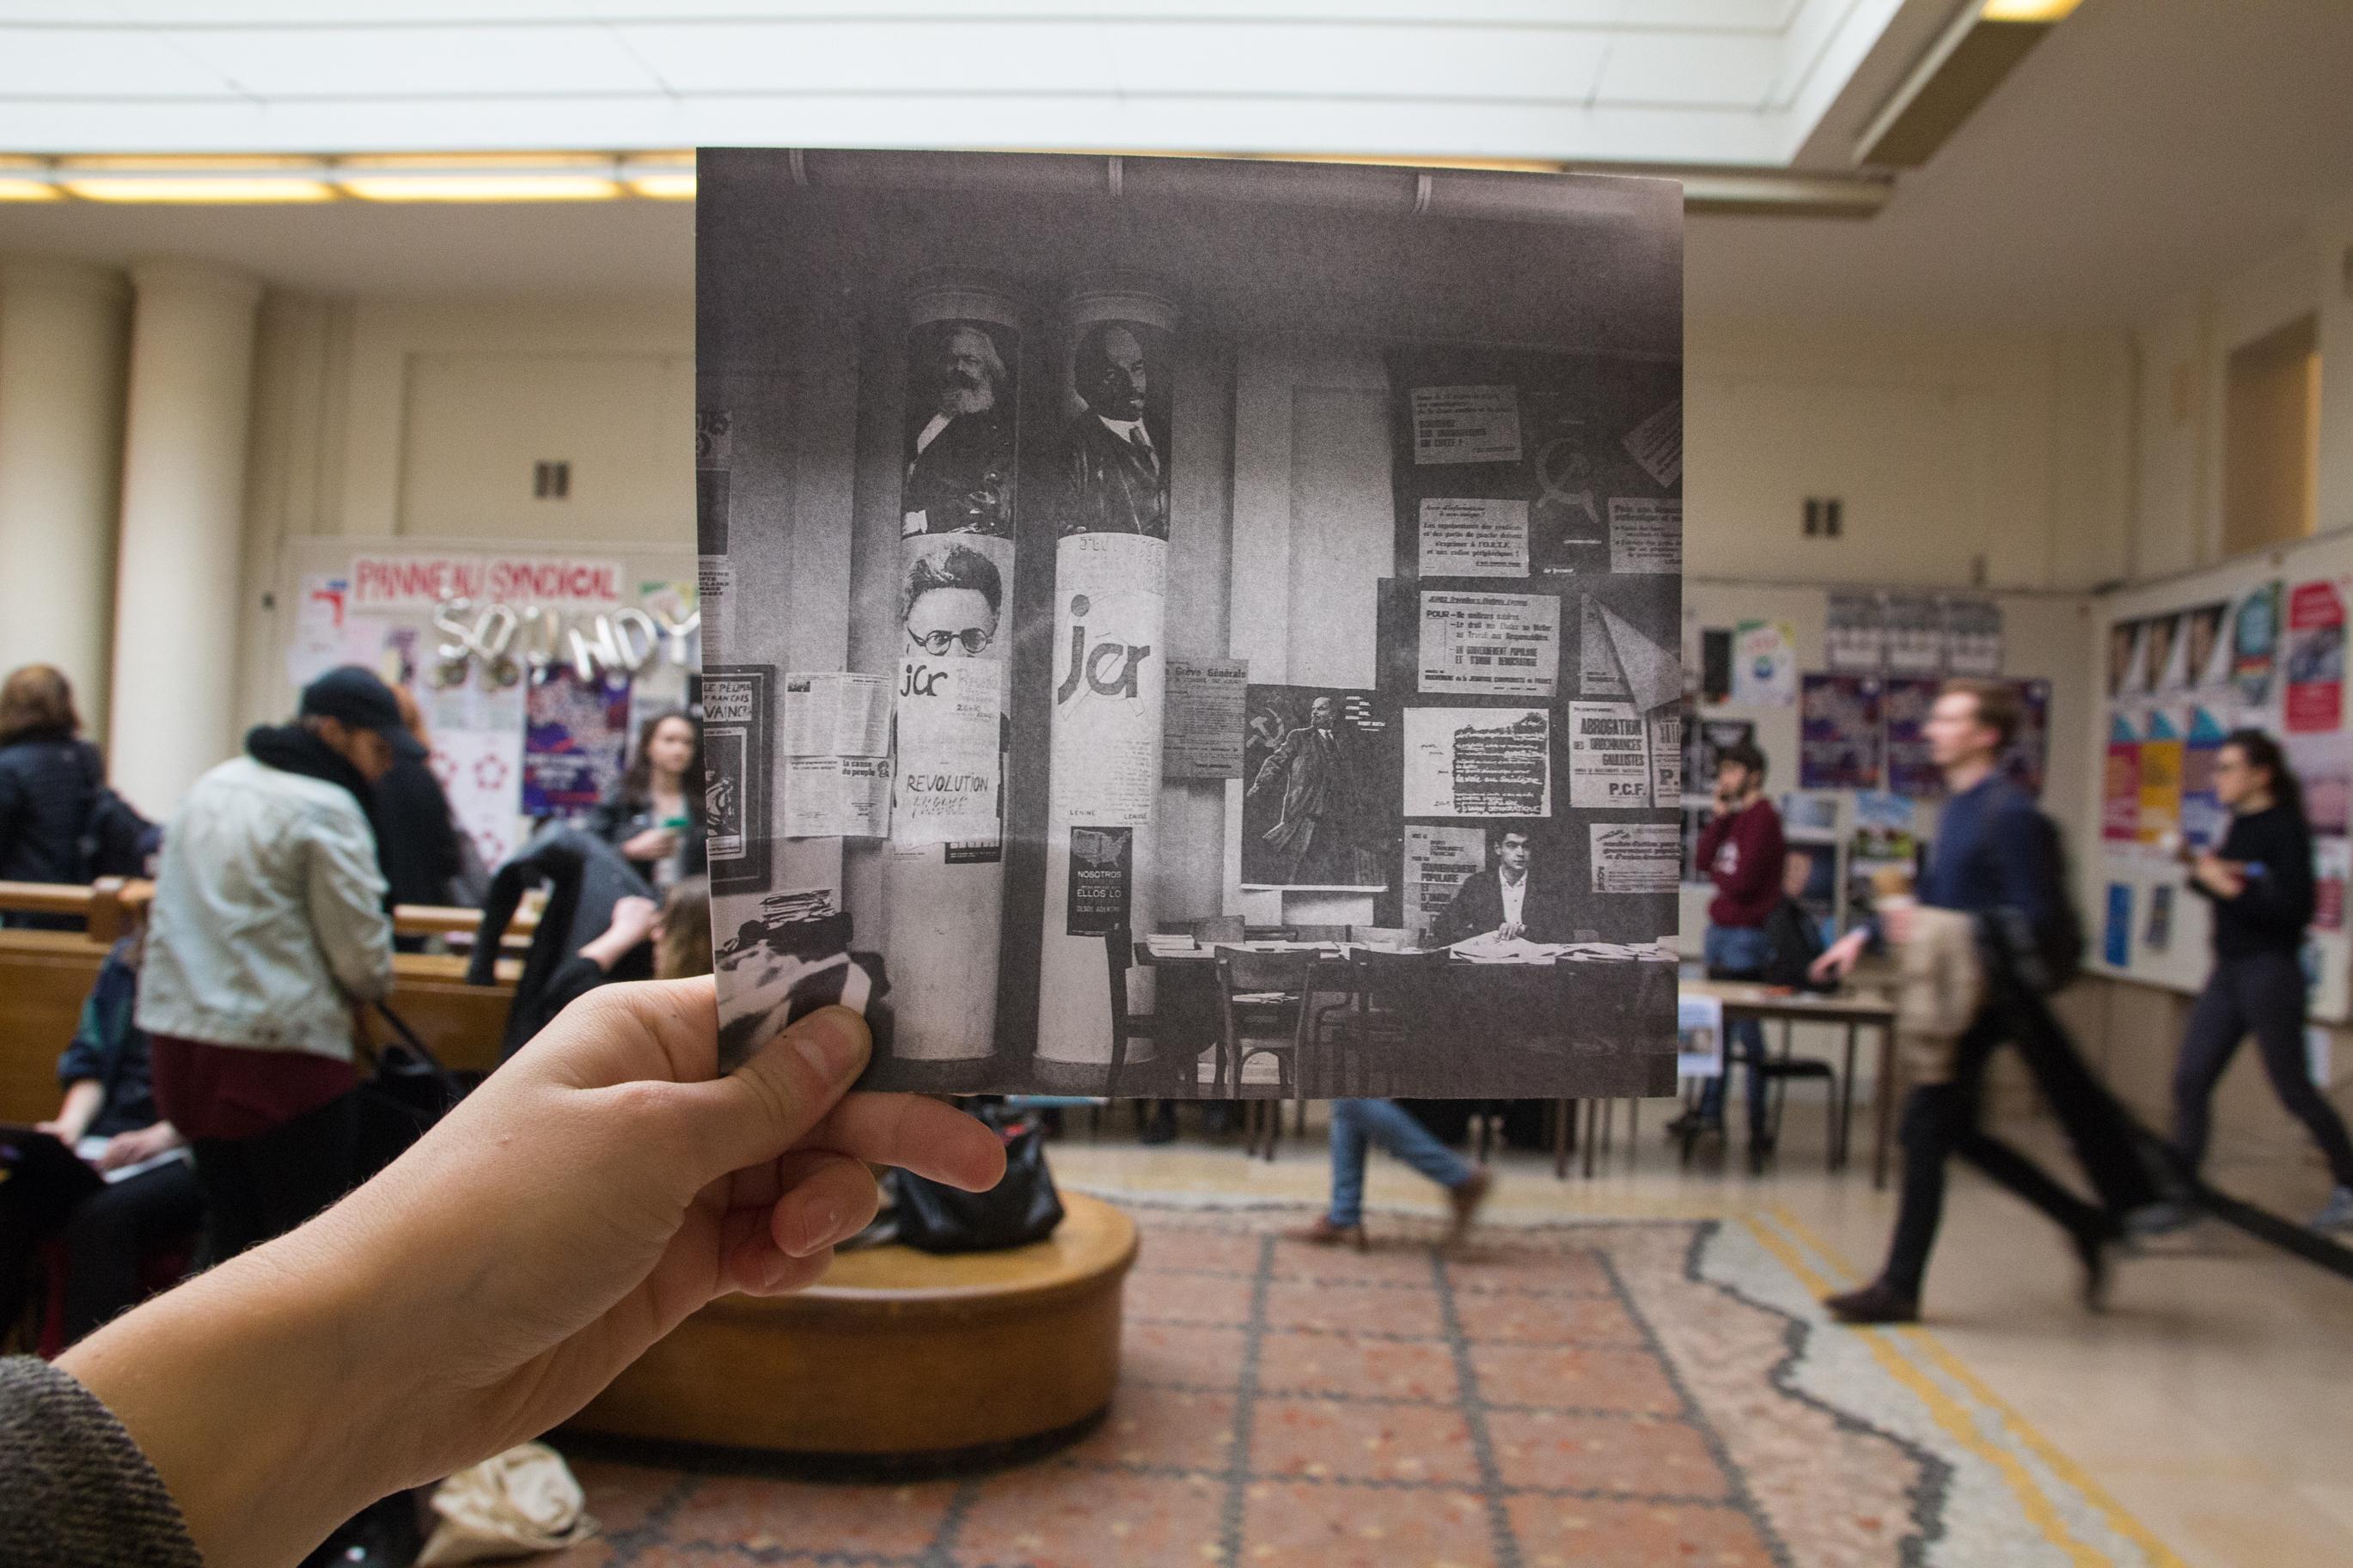 Mai 68 à Sciences Po, quatrième épisode : «L'action politique, c'était la croisade à coups de poing»